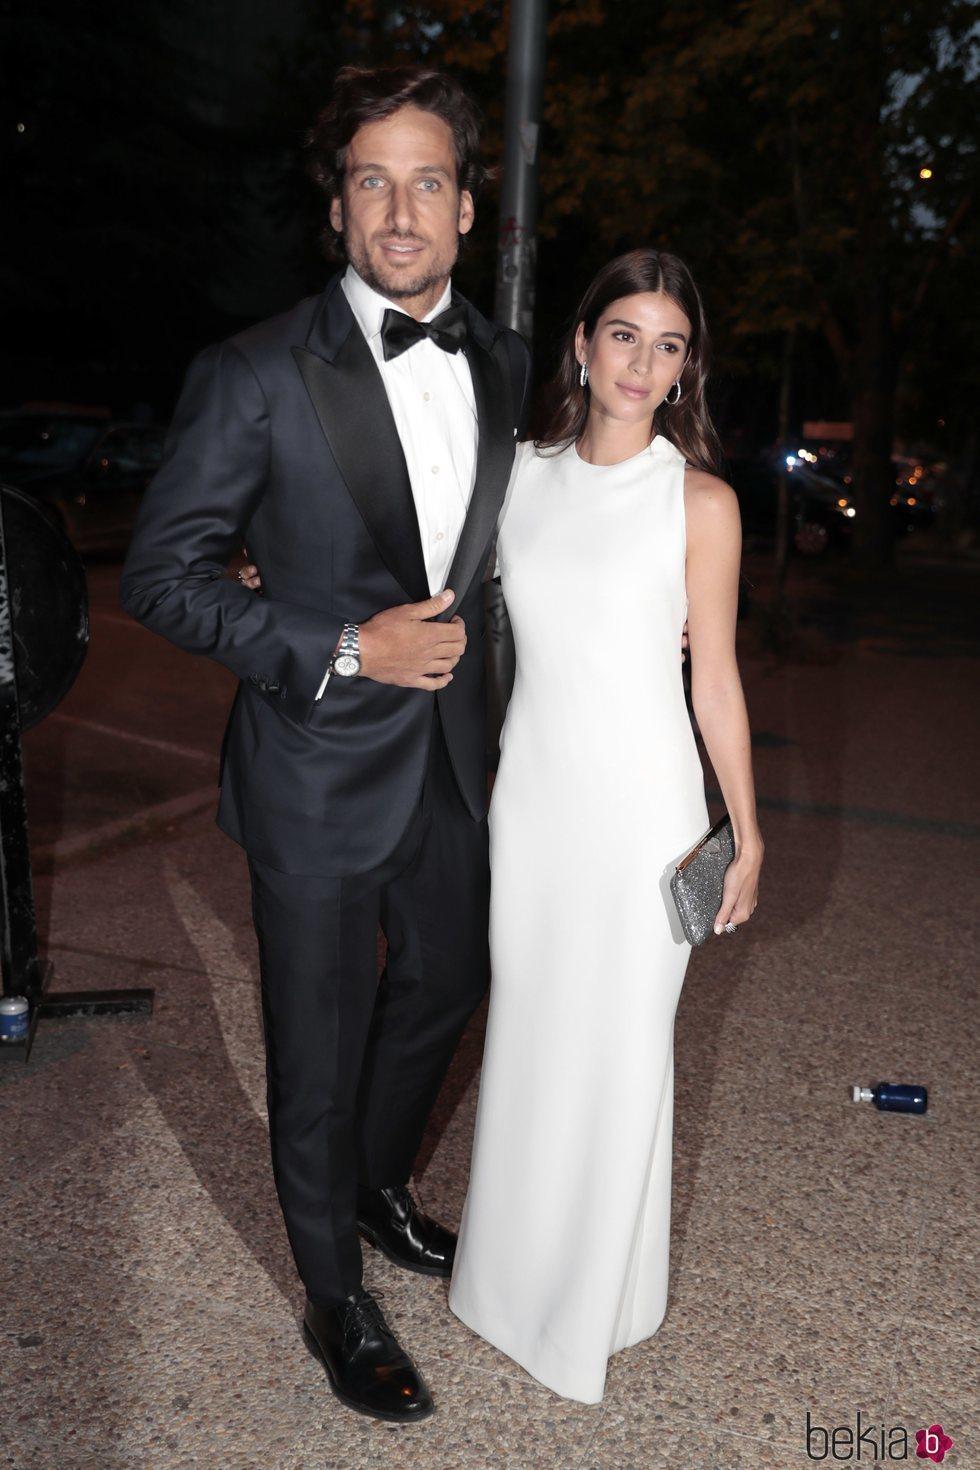 Feliciano López y Sandra Gago llegando a la fiesta del 30 aniversario de Vogue